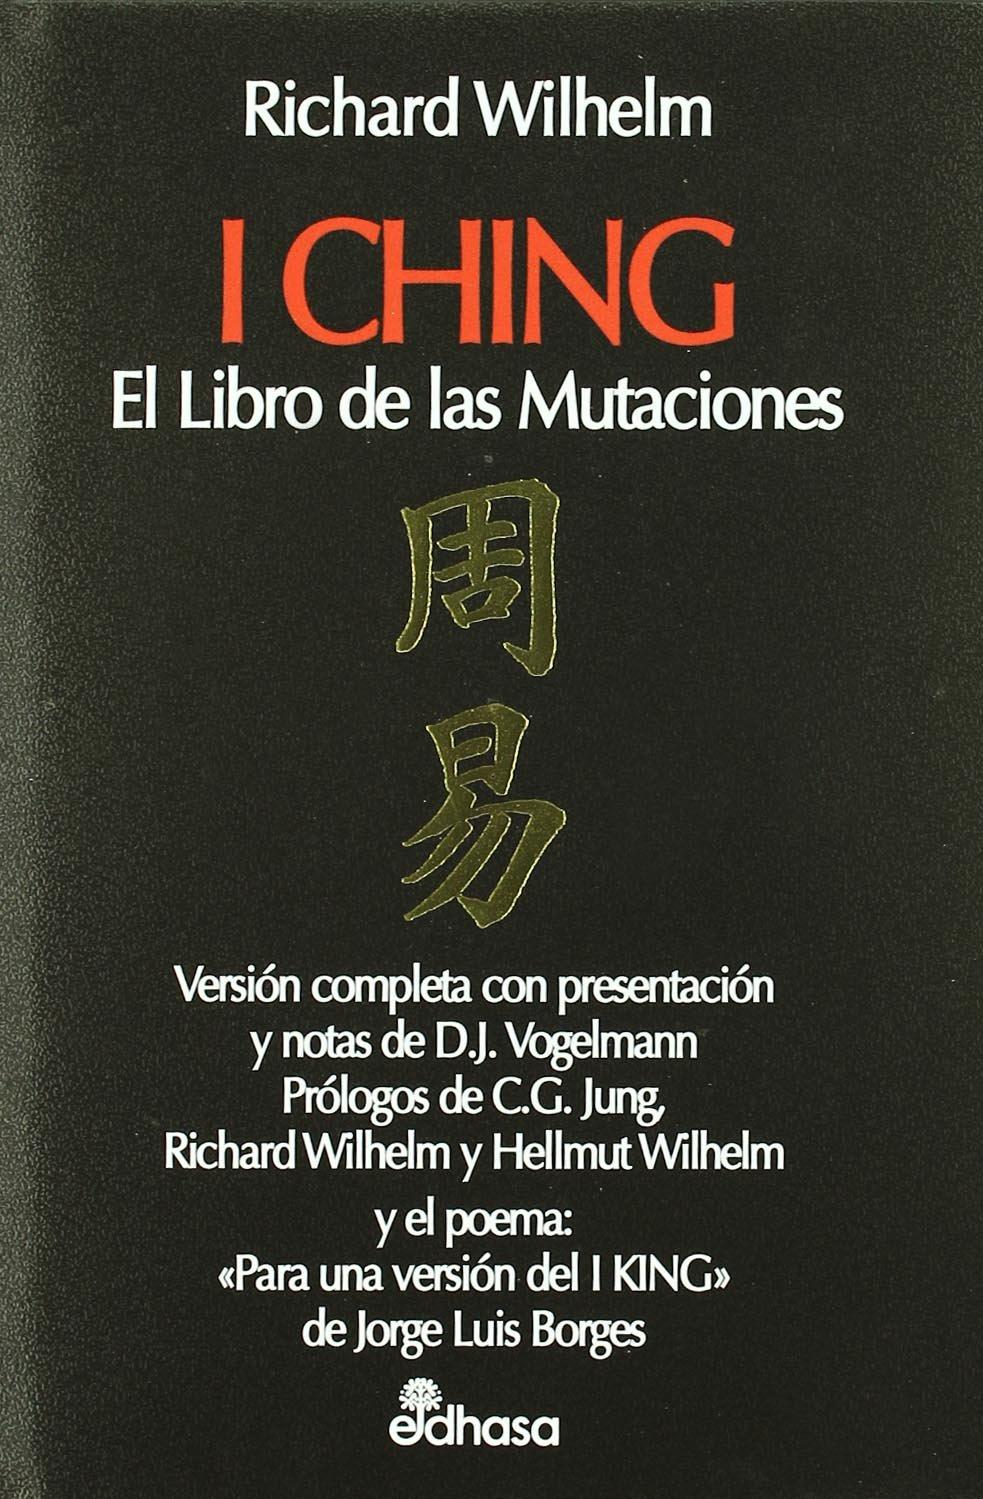 I Ching el libro de las mutaciones (Perspectivas): Amazon.es: Richard  Wilhelm, D.J. Vogelmann: Libros